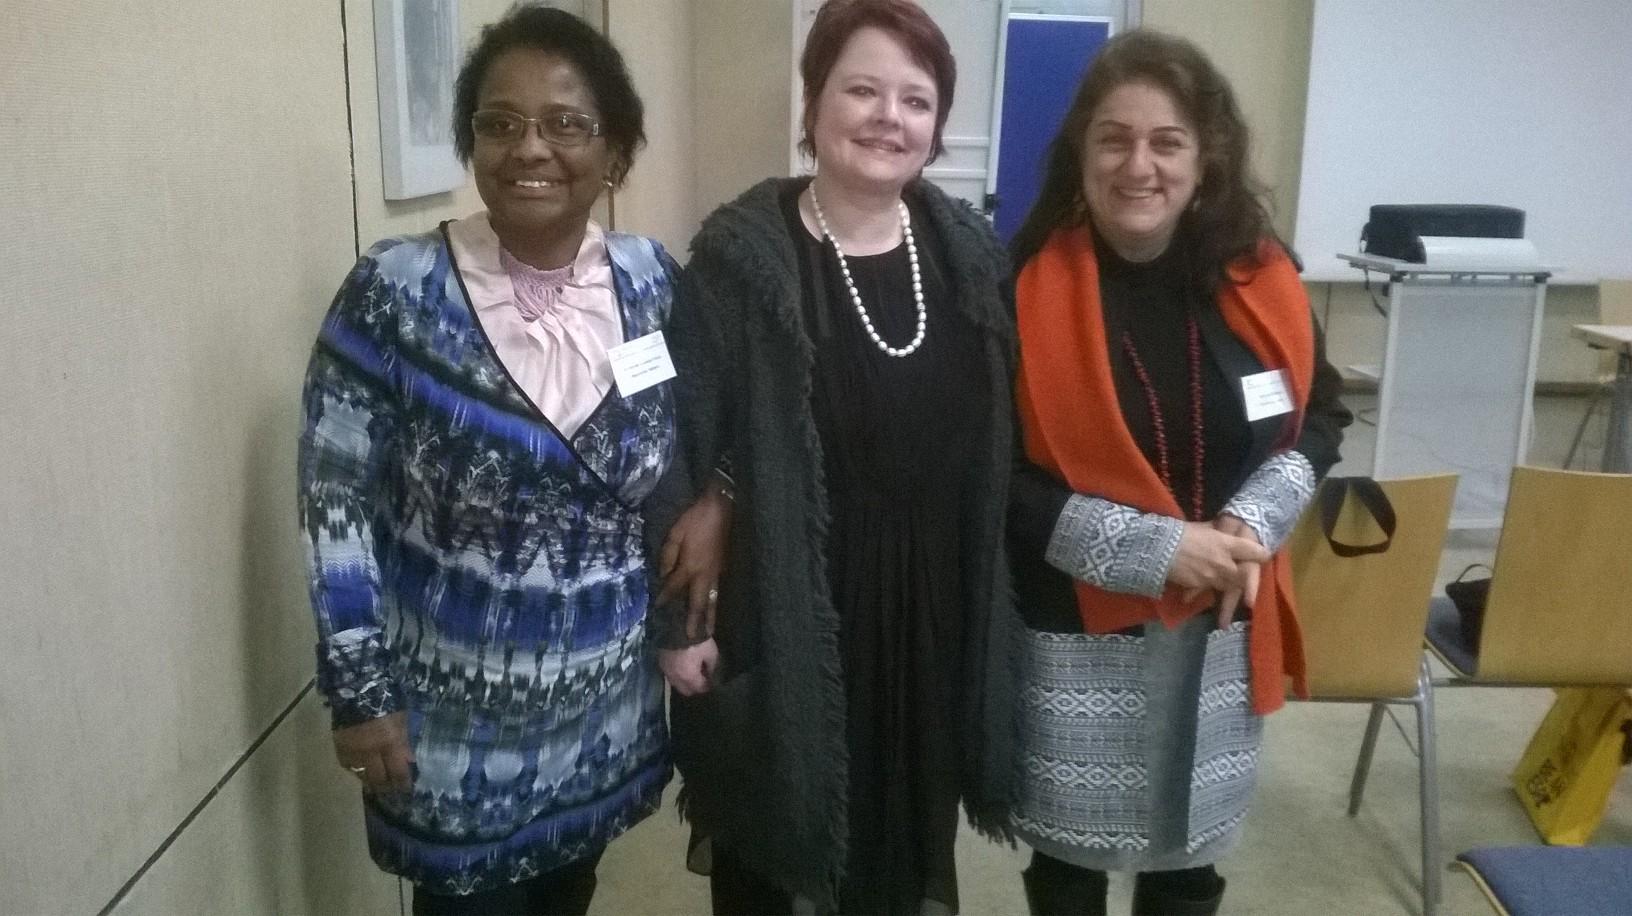 Dr. Pierrette Herzberger-Fofana ( Vorstandsmitglied), Verena Osgyan ( MdL, Bündnis 90/Die Grünen), Mitra Sharifi-Neystanak (Vorstandsmitglied).